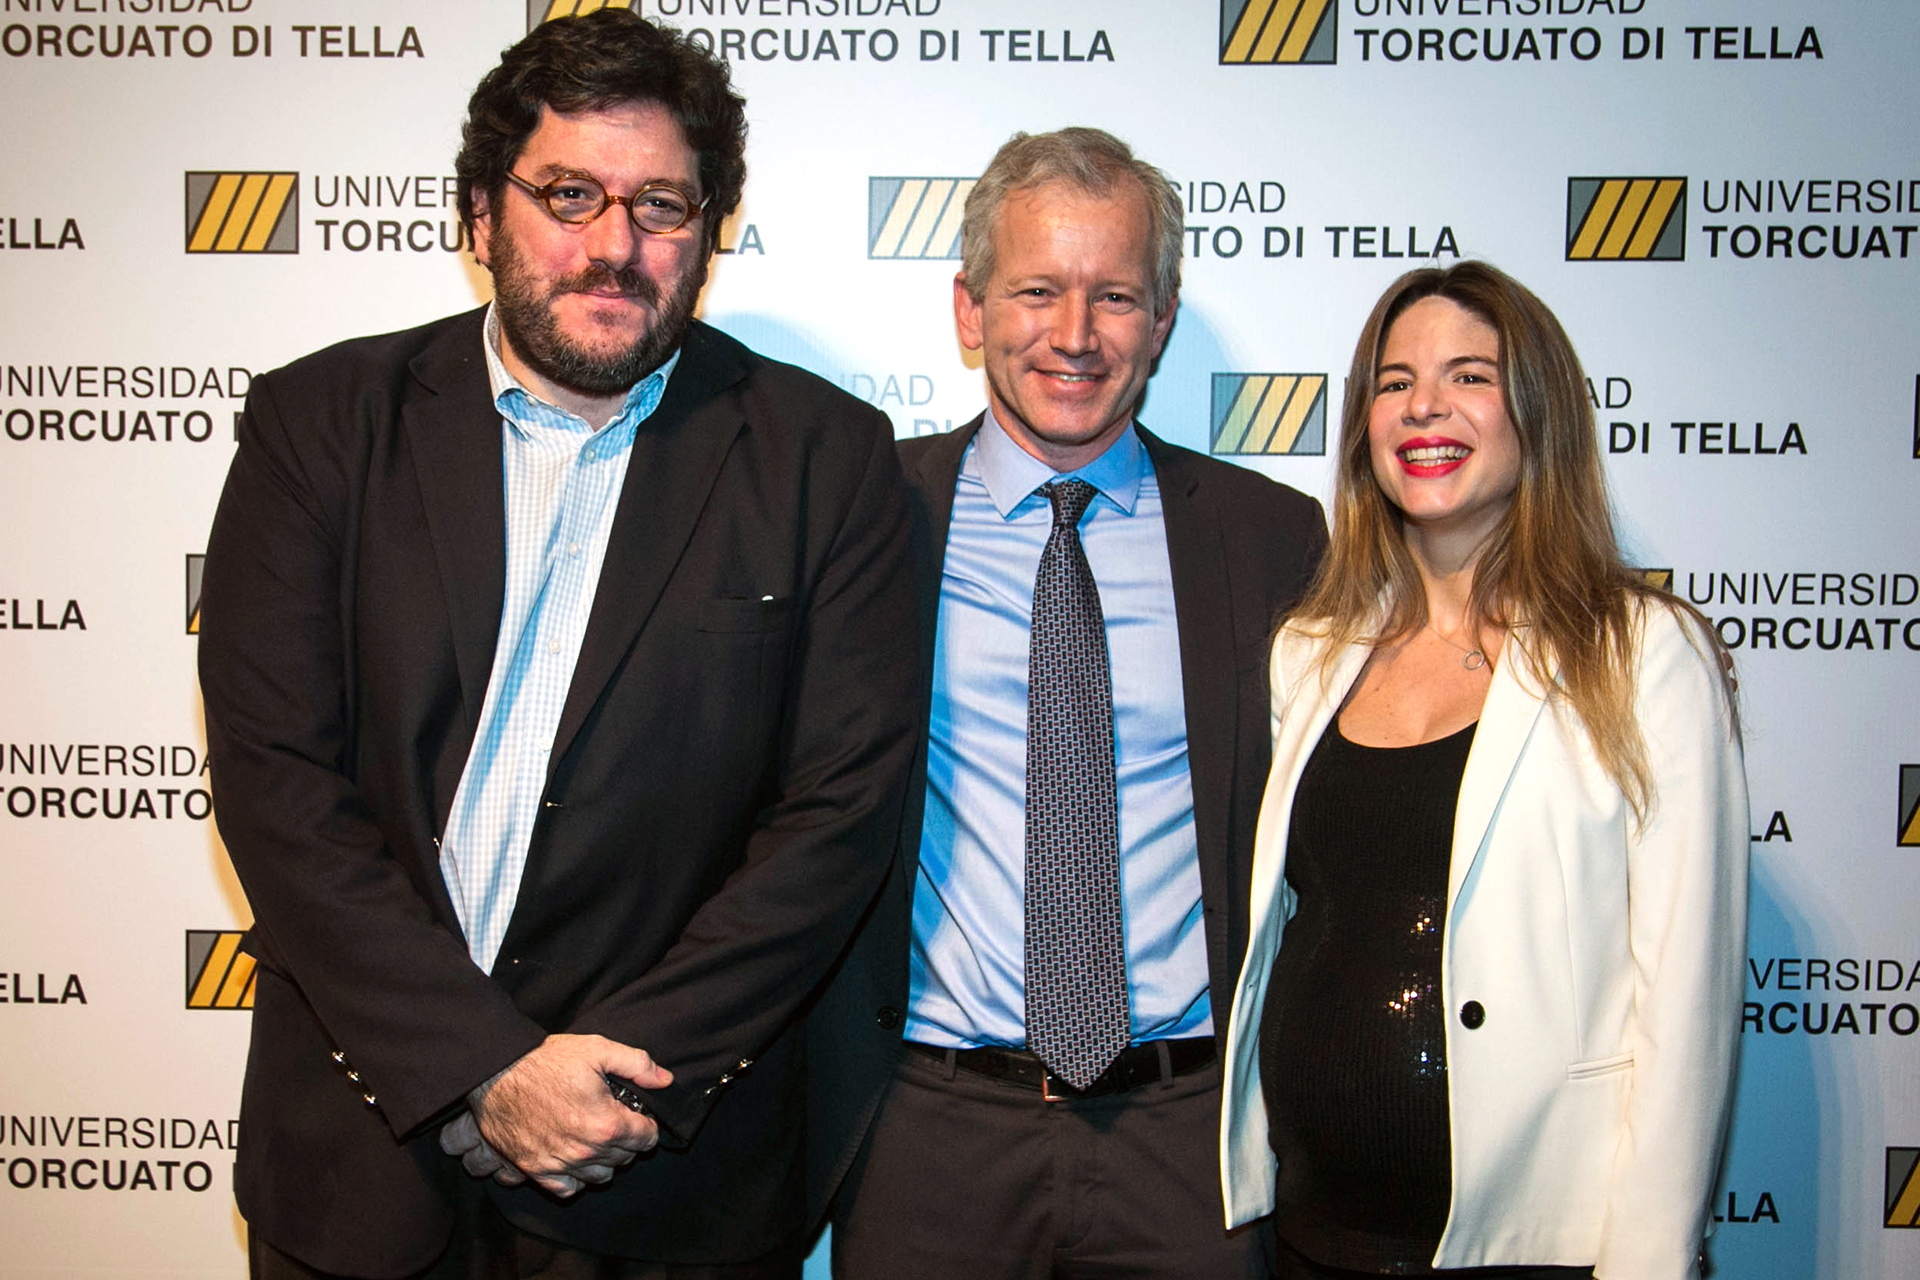 El Ministro de Cultura de la Ciudad de Buenos Aires, Pablo Avelluto, junto a su pareja Carolina Azzi, y Ernesto Schargrodsky, economista y rector de la Universidad Torcuato Di Tella.